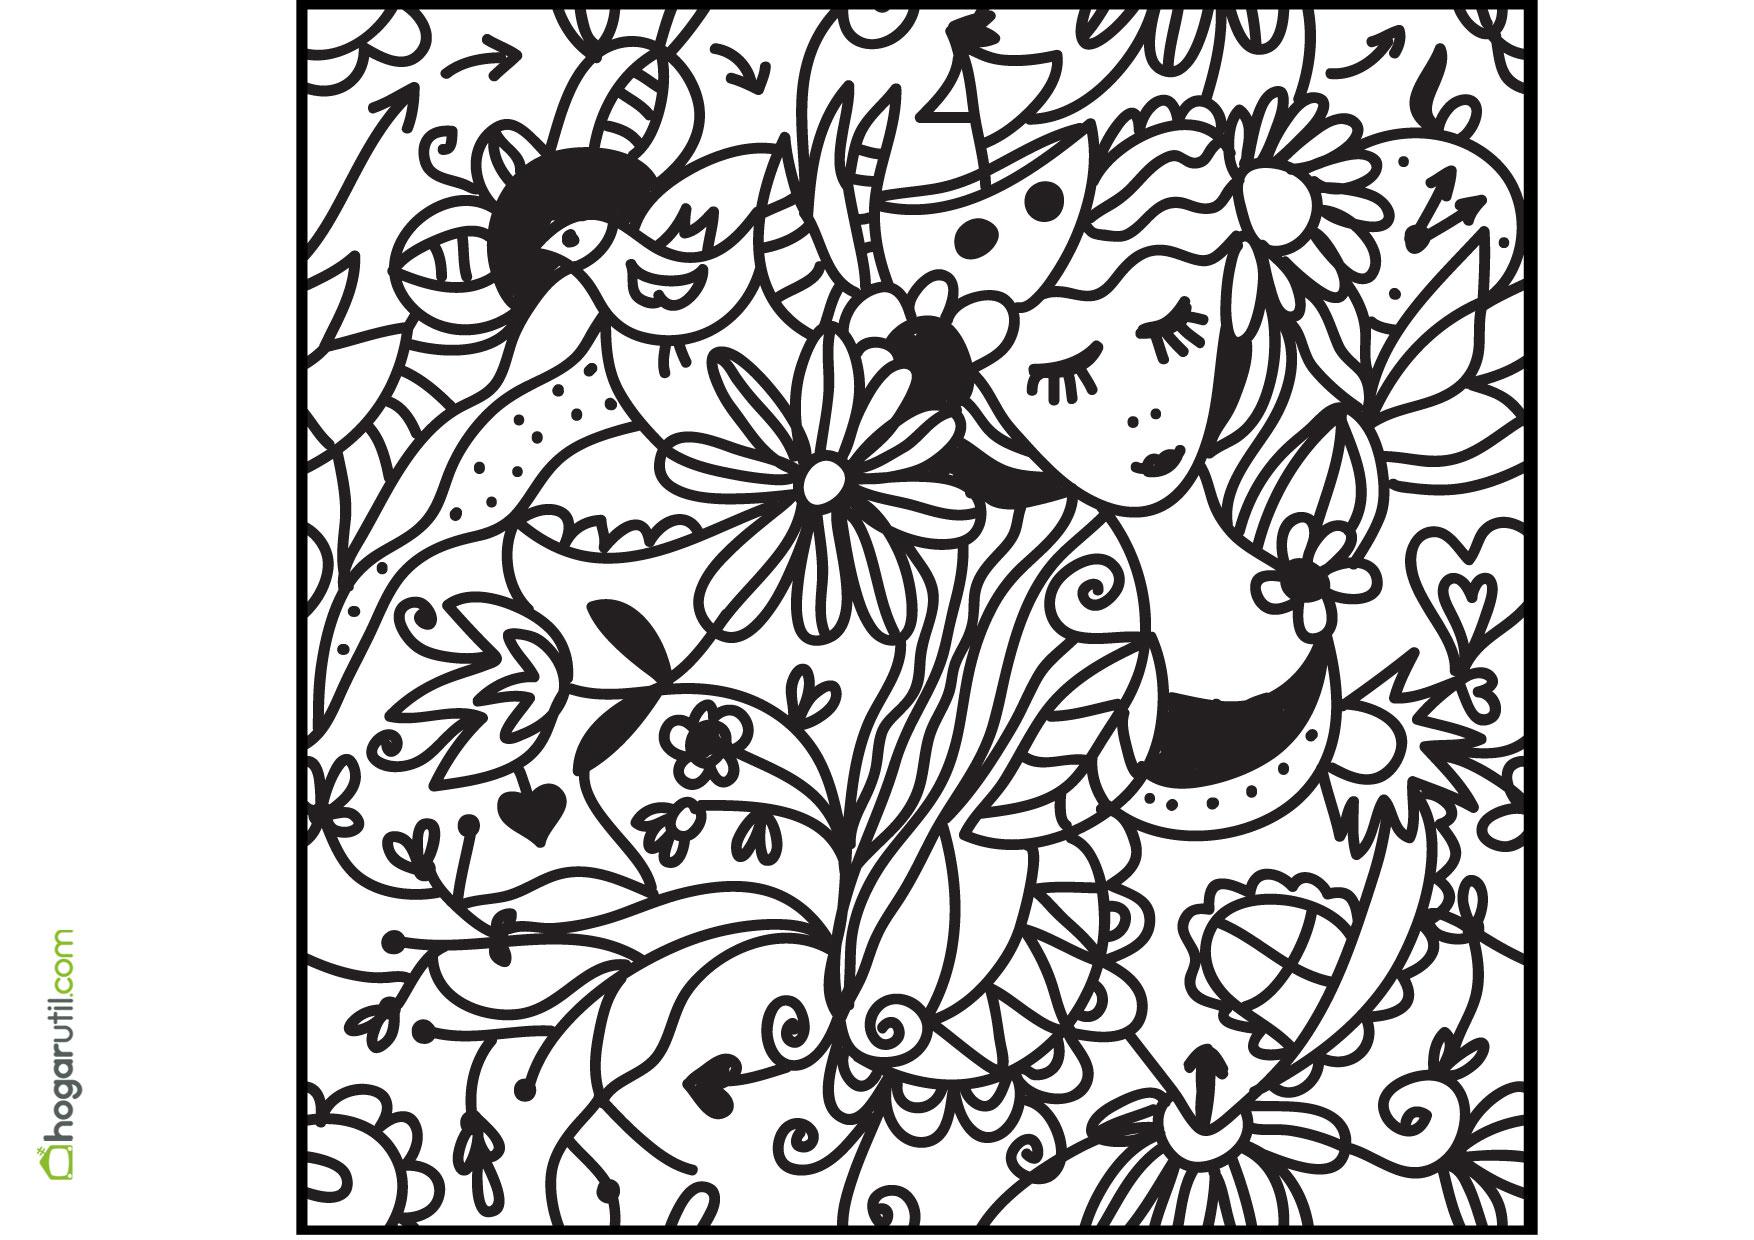 Juegos Para Colorear Gratis Para Niños: Dibujos Para Pintar Adultos